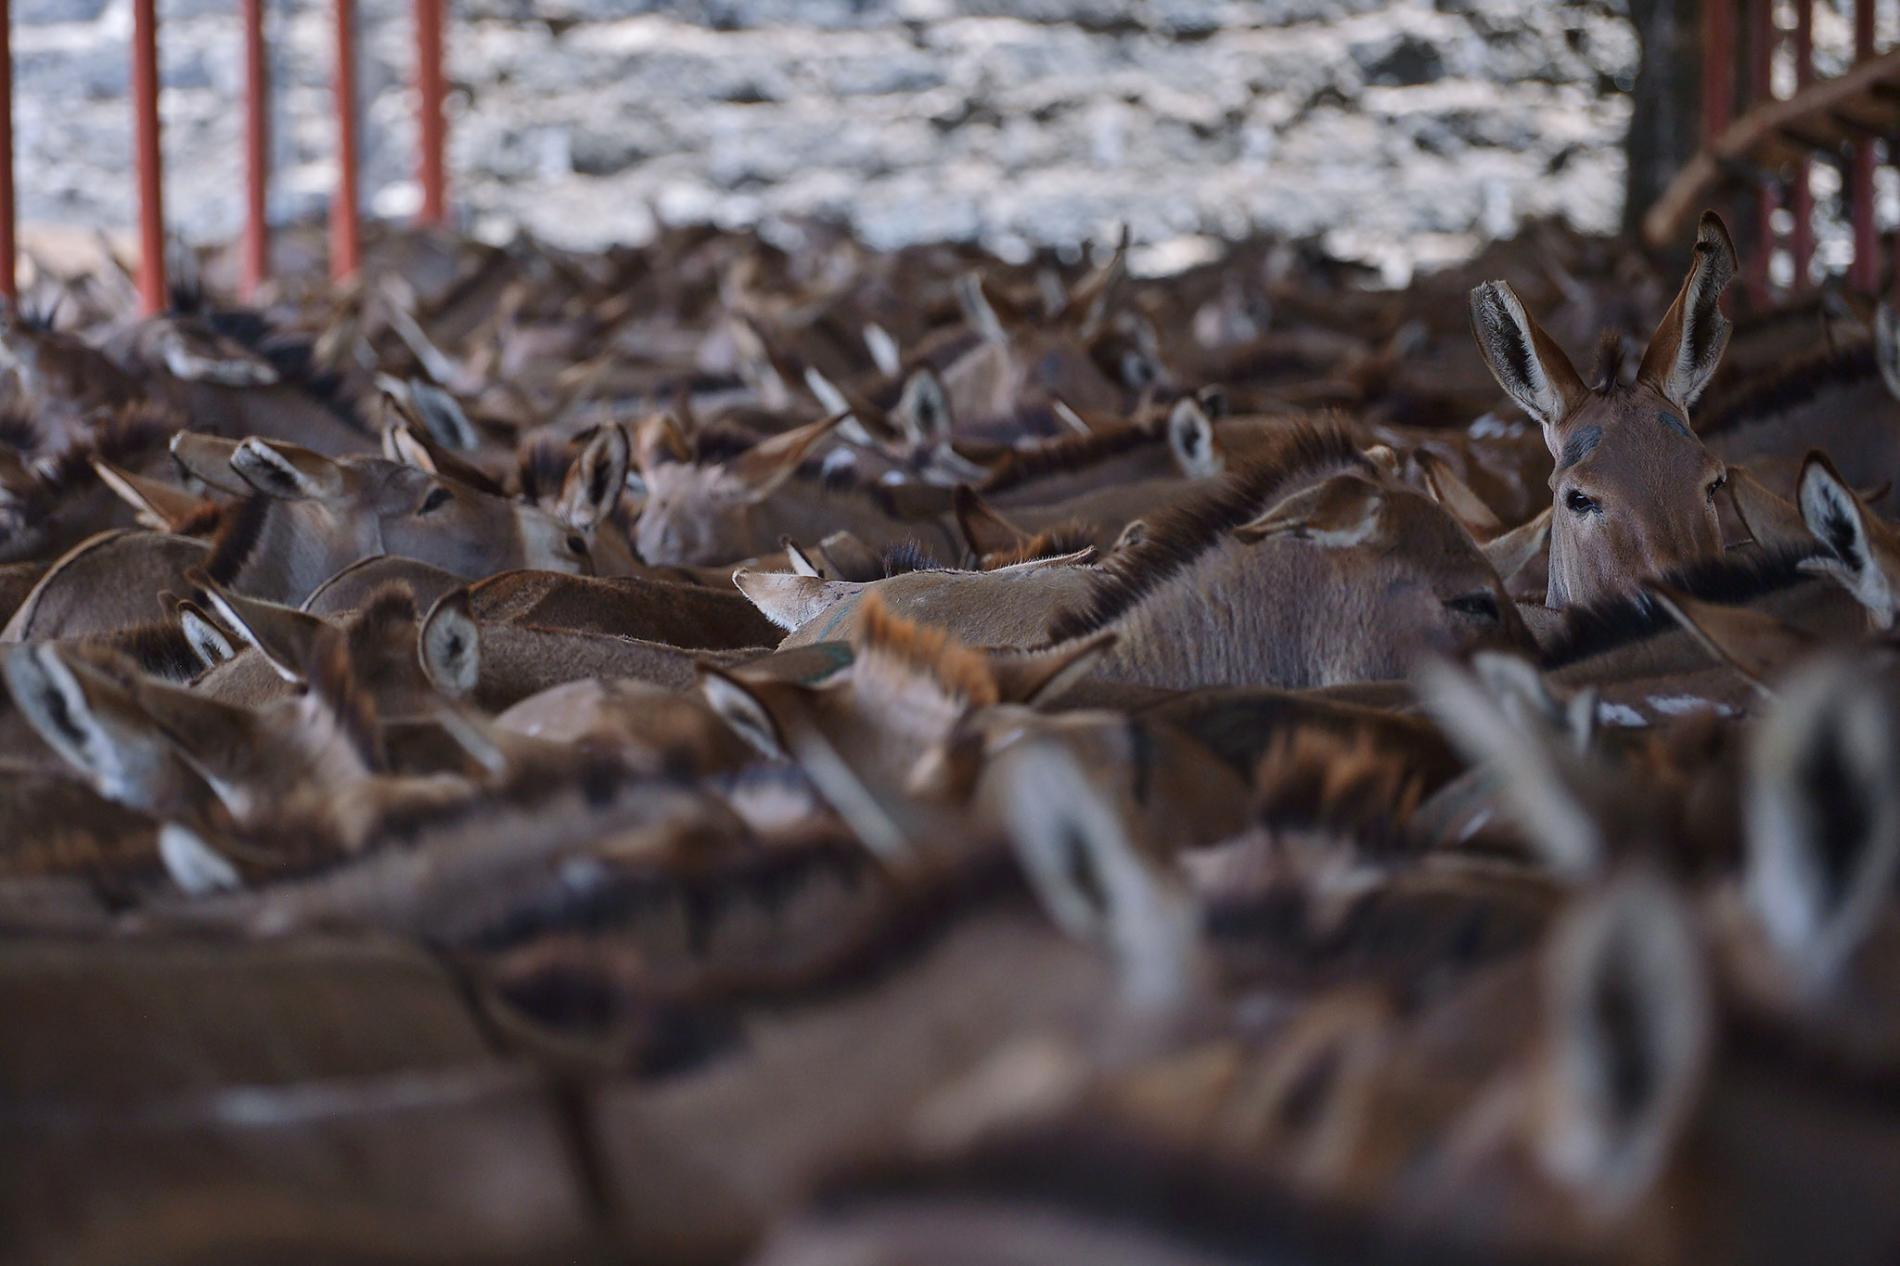 六個非洲國家已關閉屠宰場,試圖遏止驢皮出口,但其他國家仍維持大規模的驢皮出口,如本照片所攝。PHOTOGRAPH BY TONY KARUMBA, AFP/GETTY